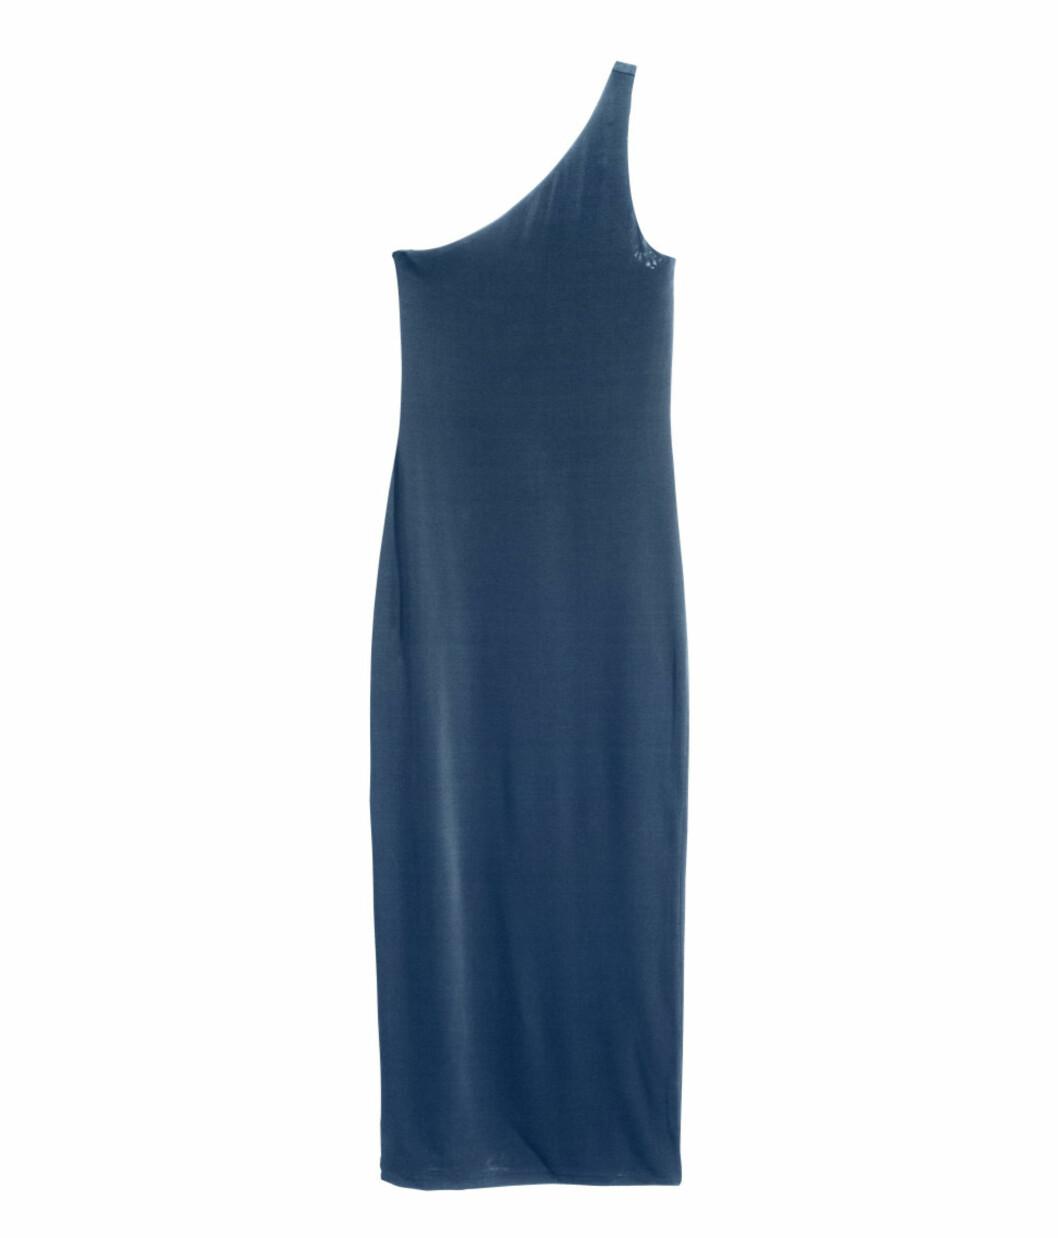 Kjole fra H&M | kr 299 | Foto: Produsenten